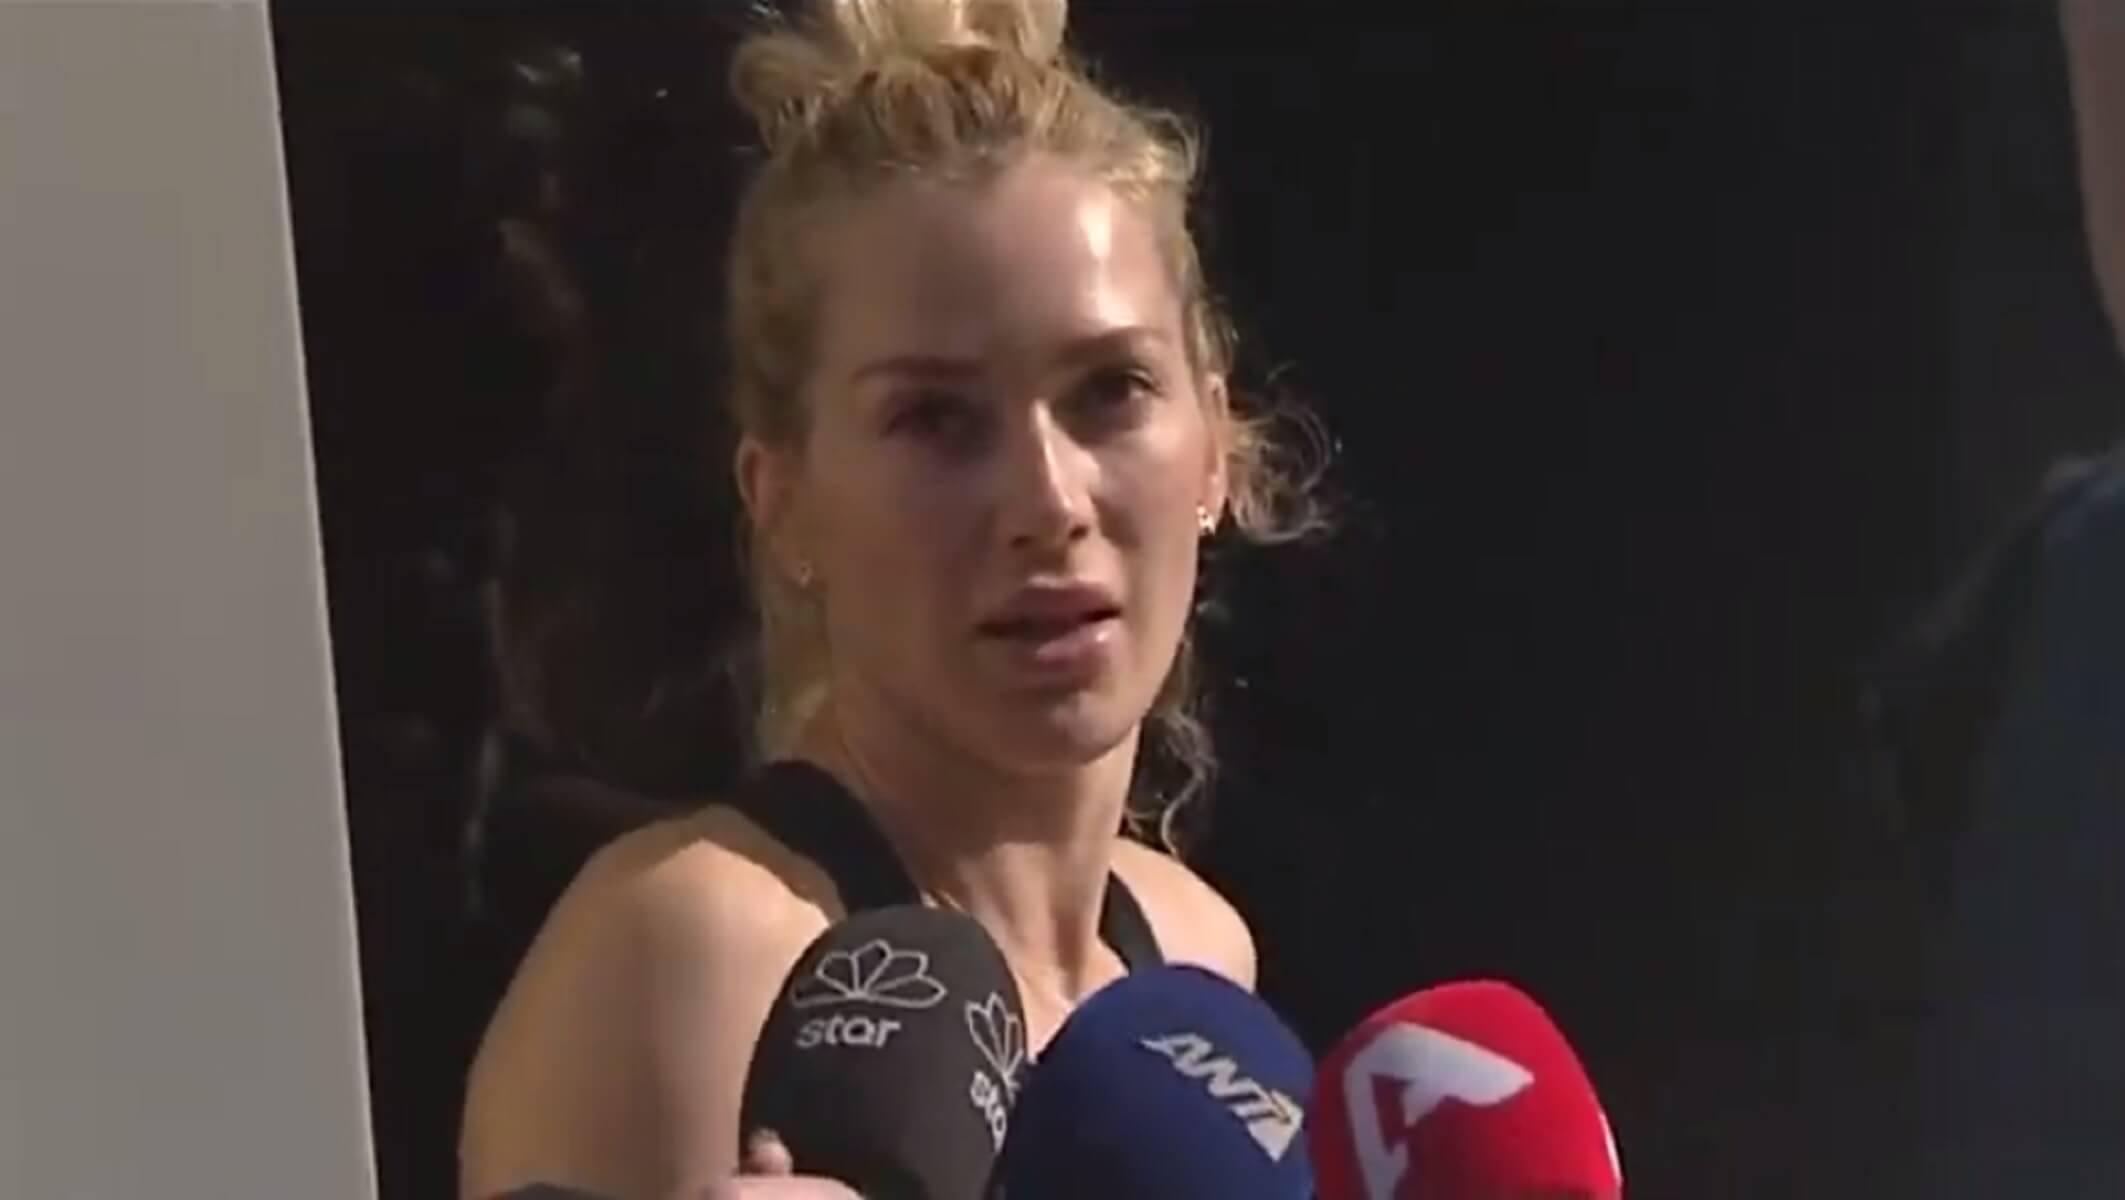 """Καρύδα: Εύχομαι τα χειρότερα για τον δολοφόνο του άνδρα μου! """"Μουγγός"""" ο Βούλγαρος εκτελεστής του Γιάννη Μακρή, δεν έχει πει λέξη!"""